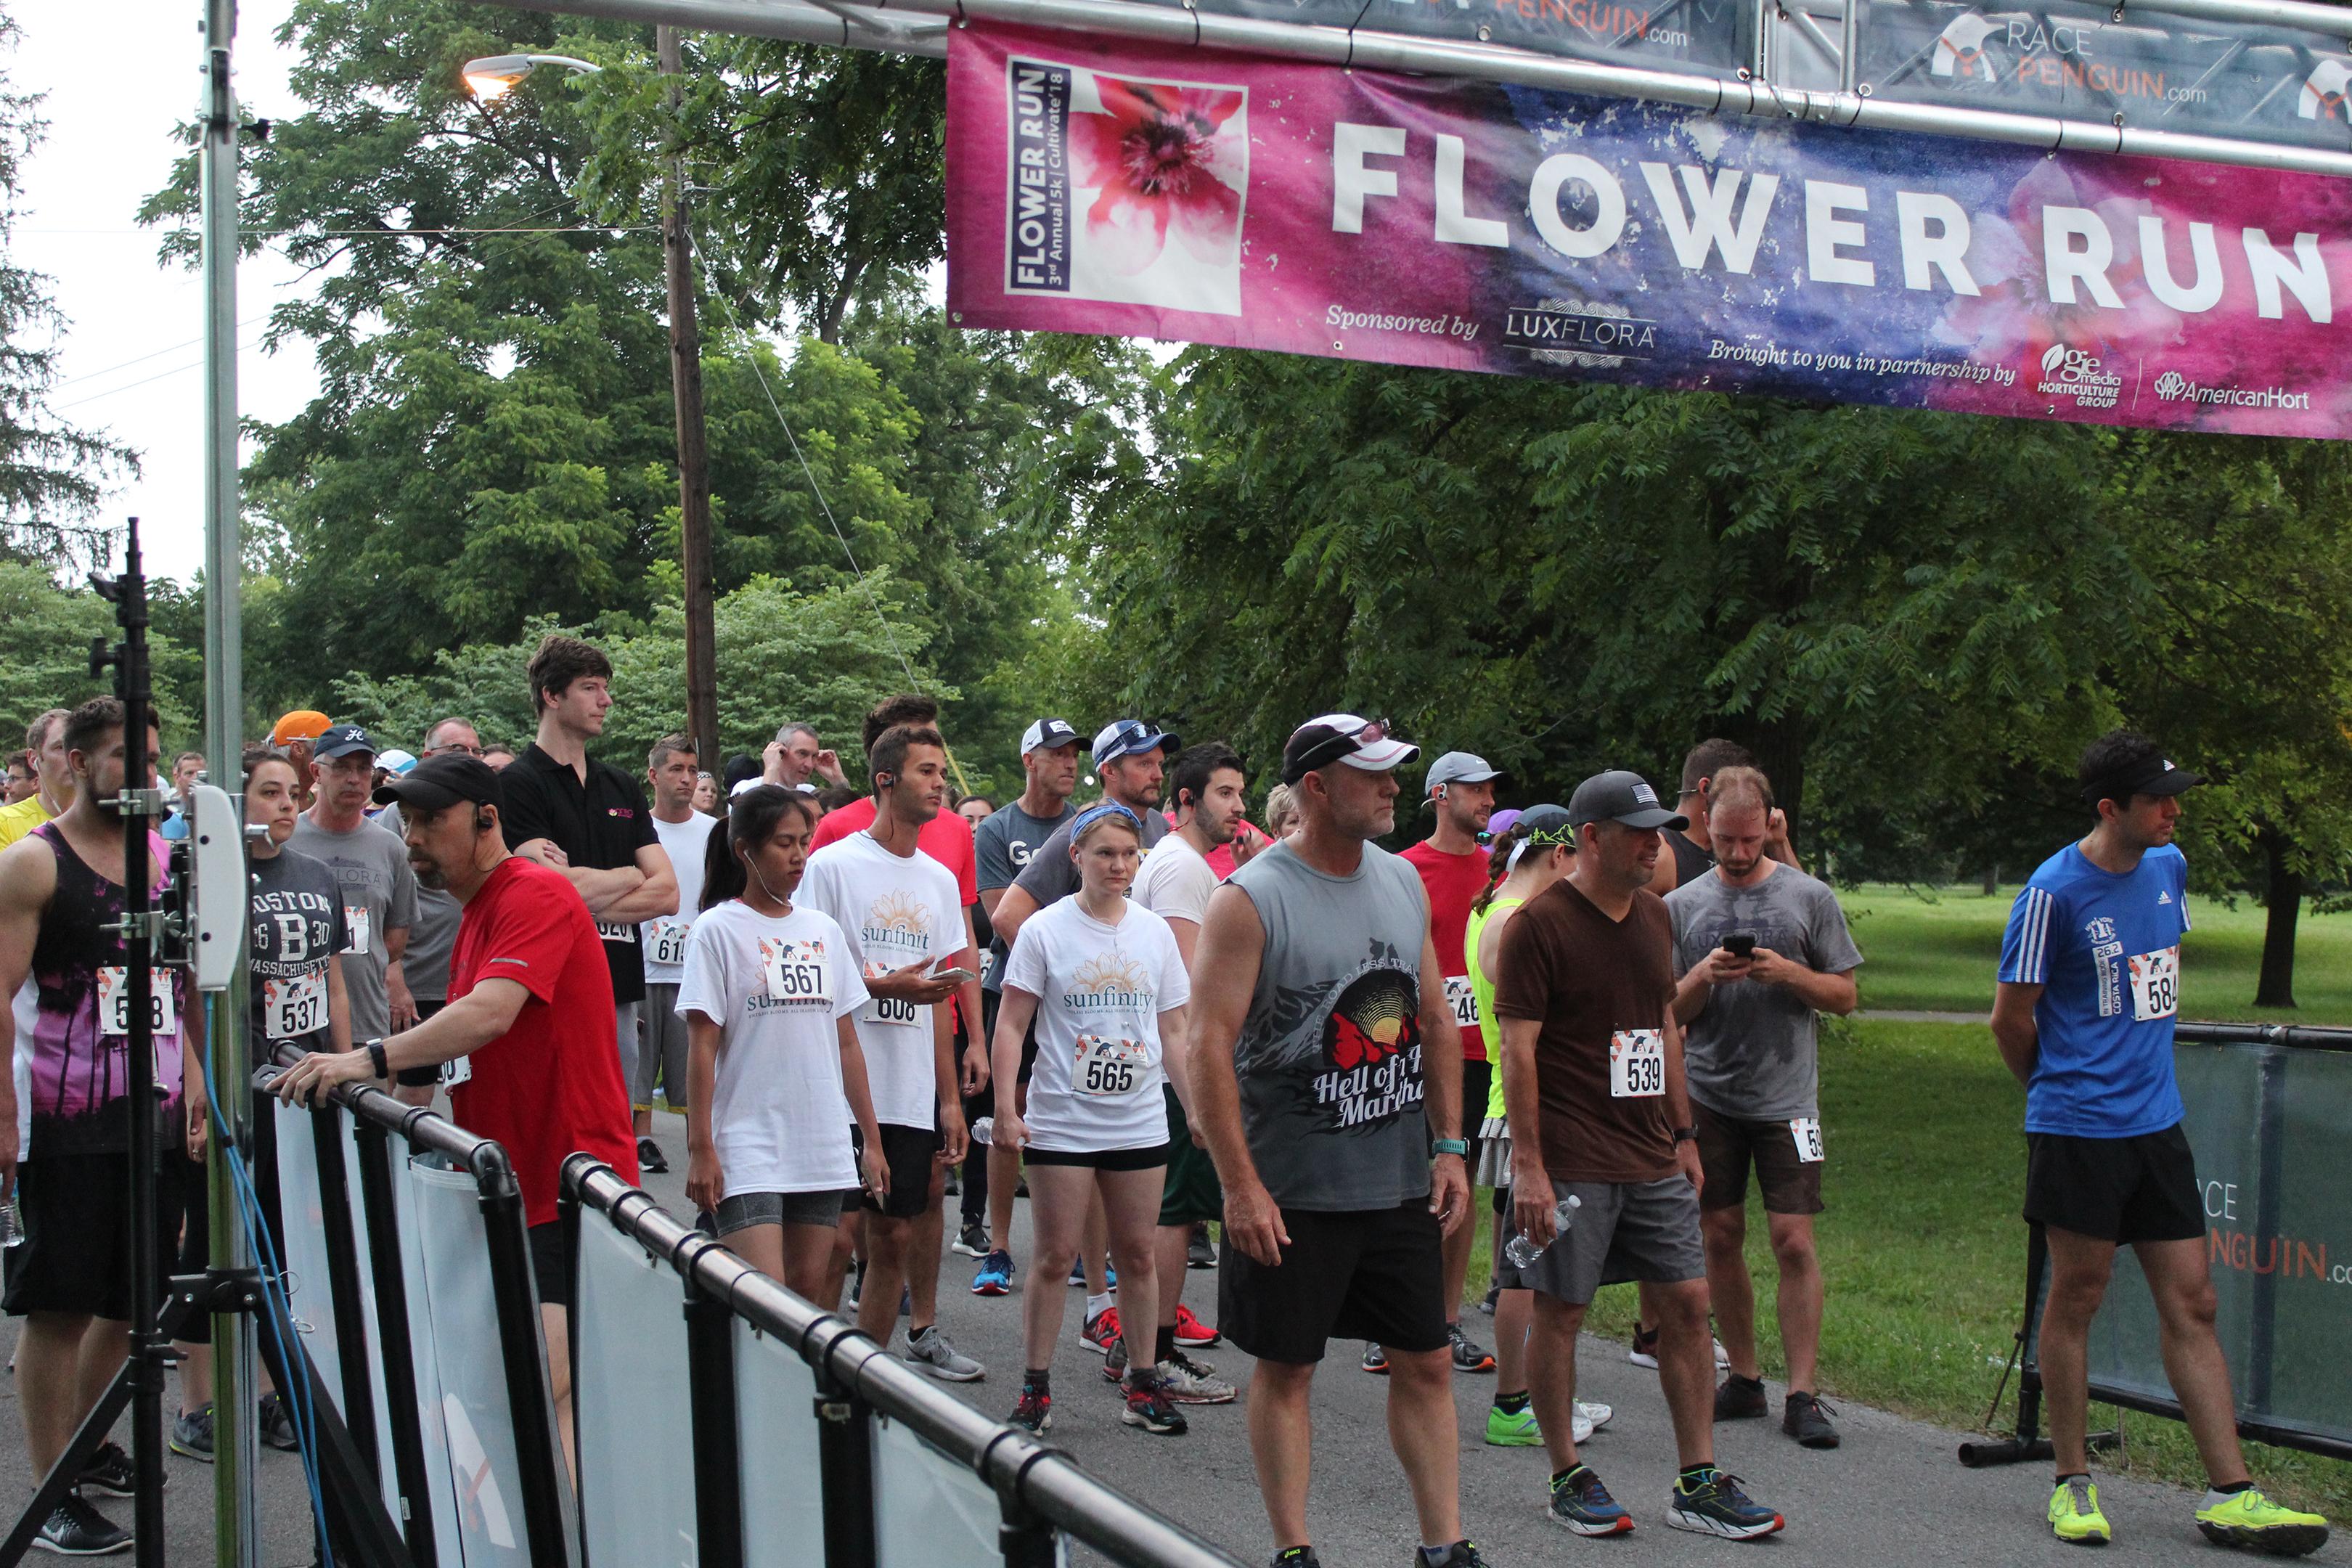 Flower Run 1